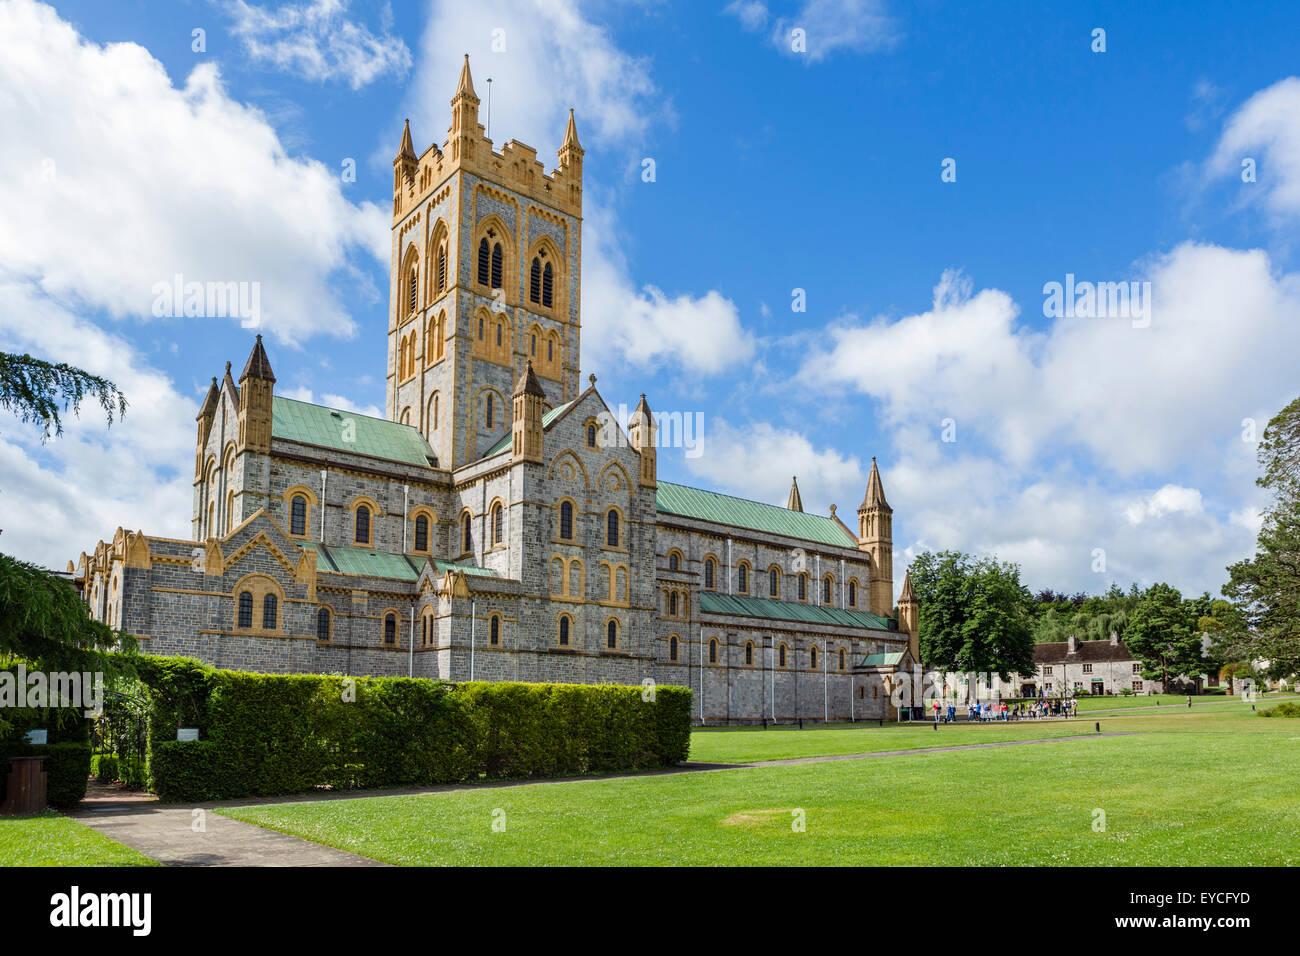 Die Abtei St. Marienkirche, Buckfast Abbey, Buckfastleigh, Devon, England, Vereinigtes Königreich Stockbild